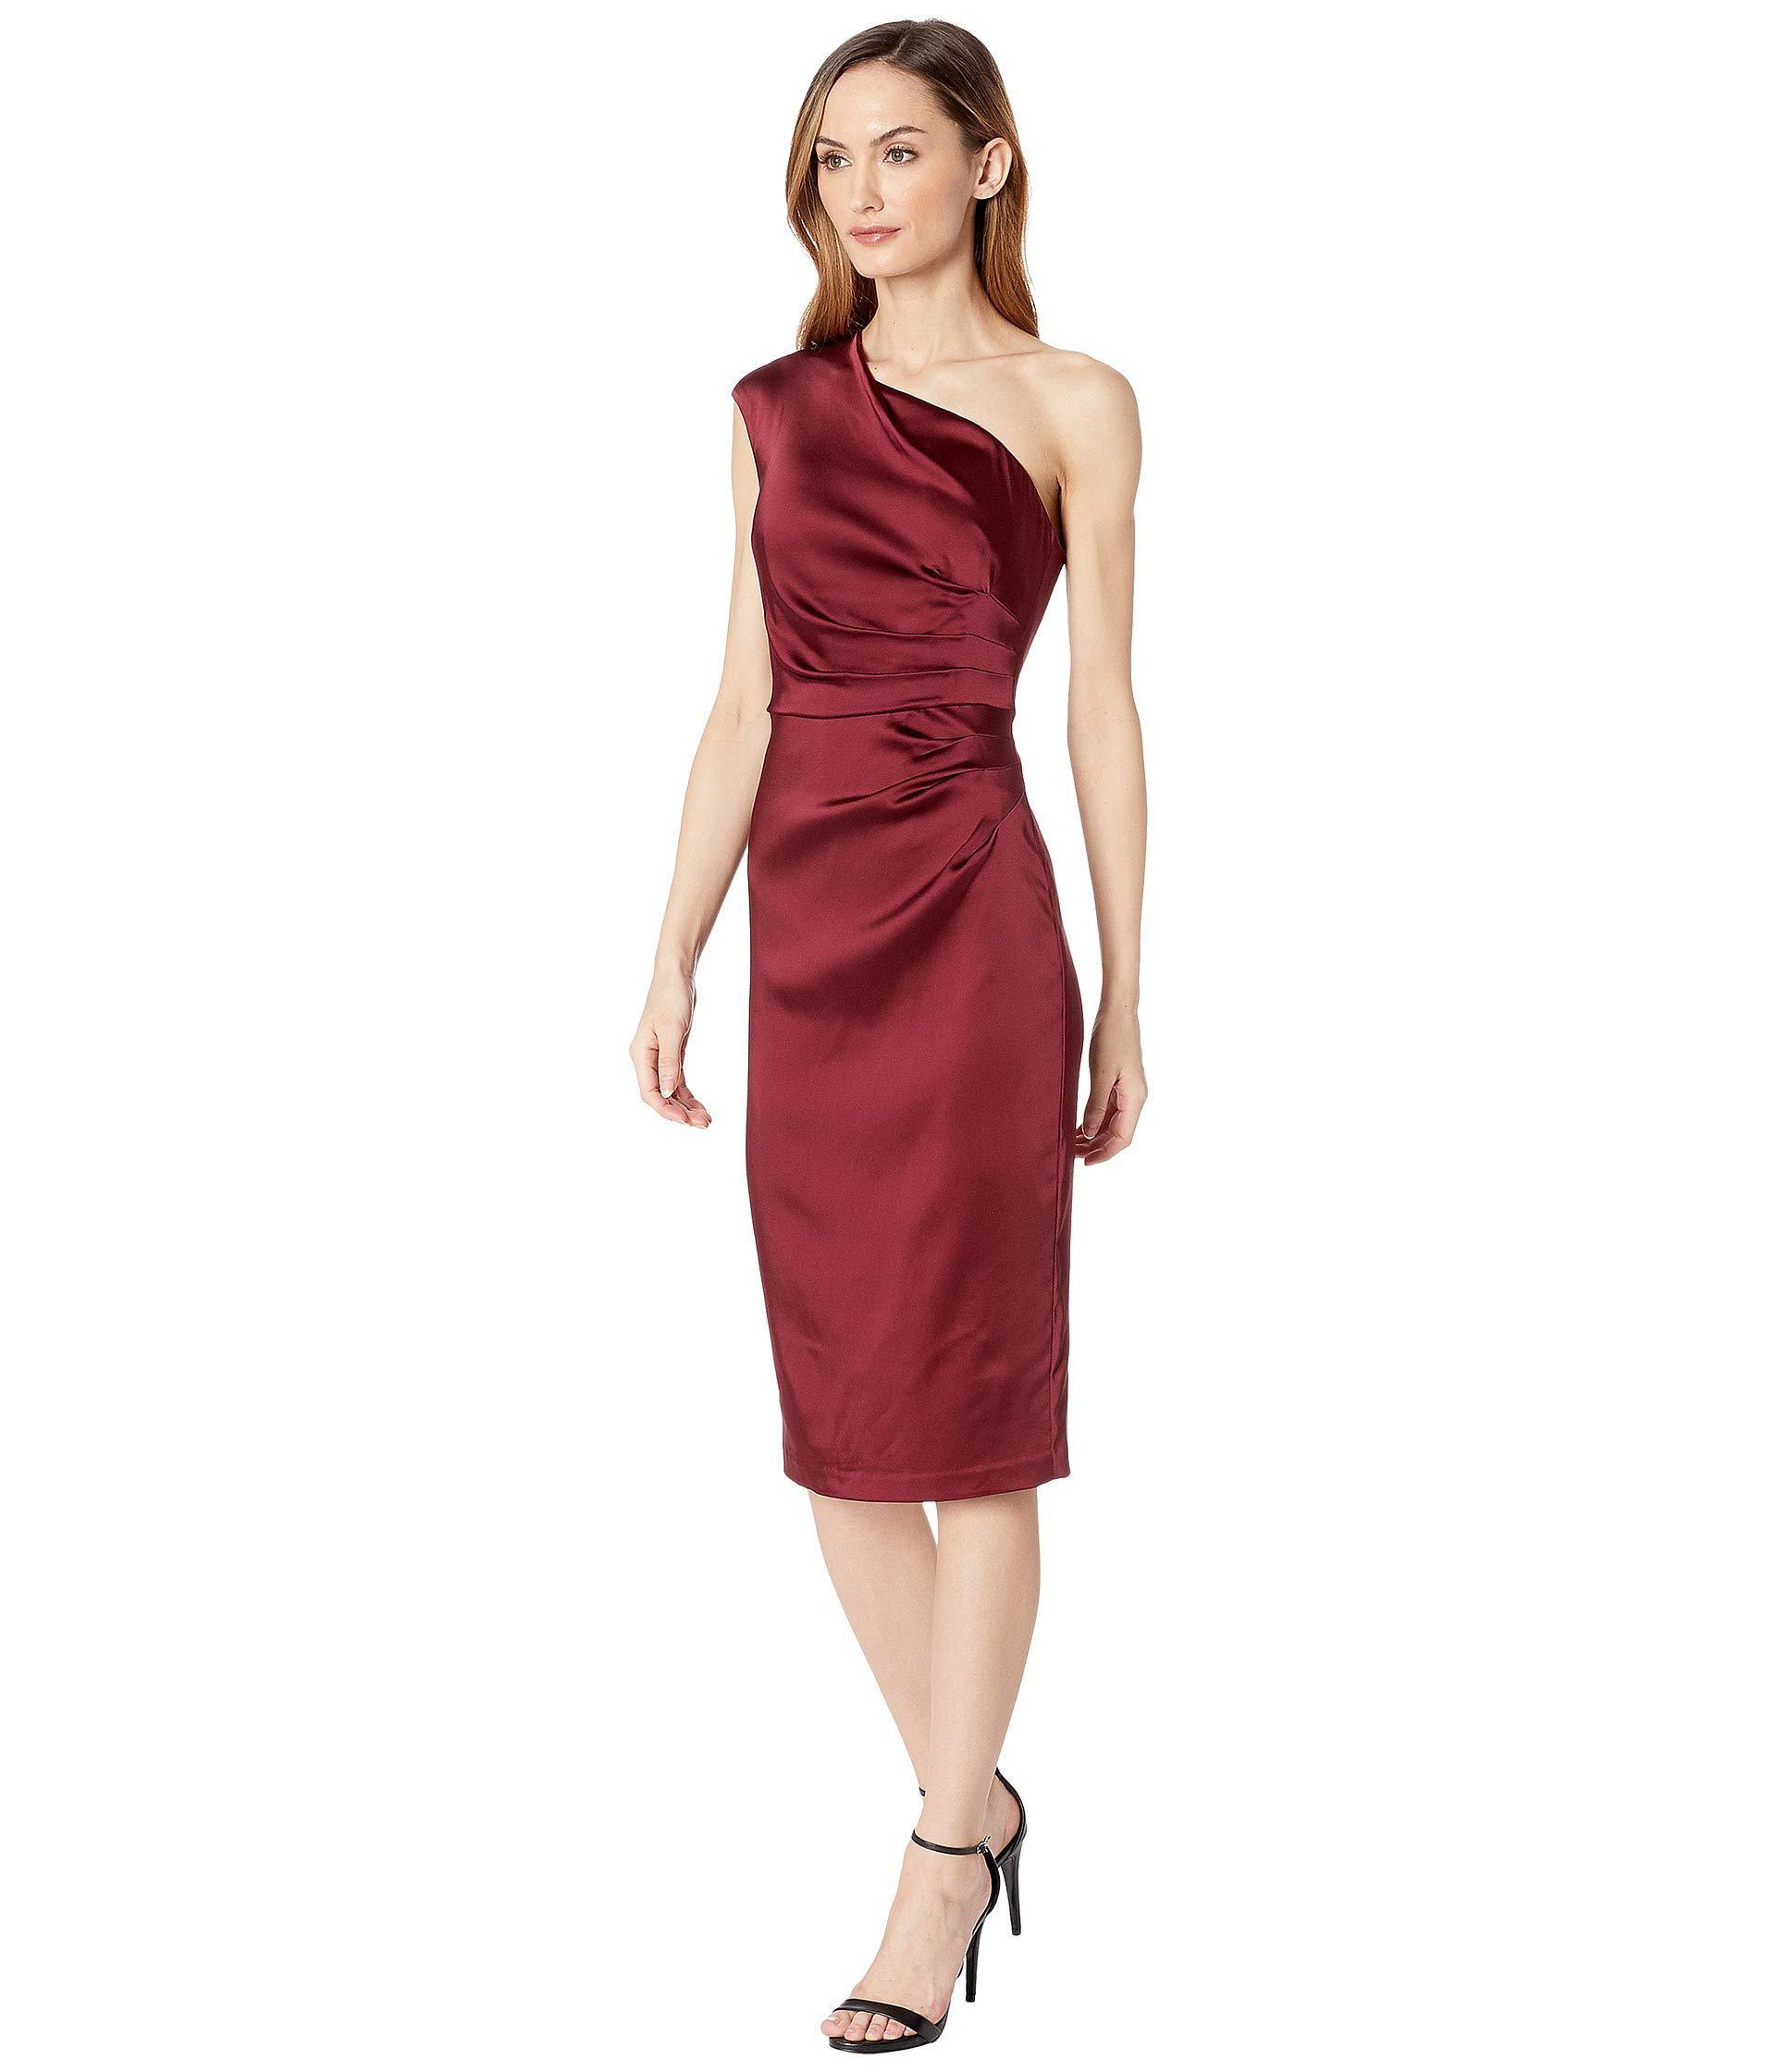 b569e880d6899 Lyst - Adrianna Papell Stretch Satin Short Dress (garnet) Women s Dress in  Red